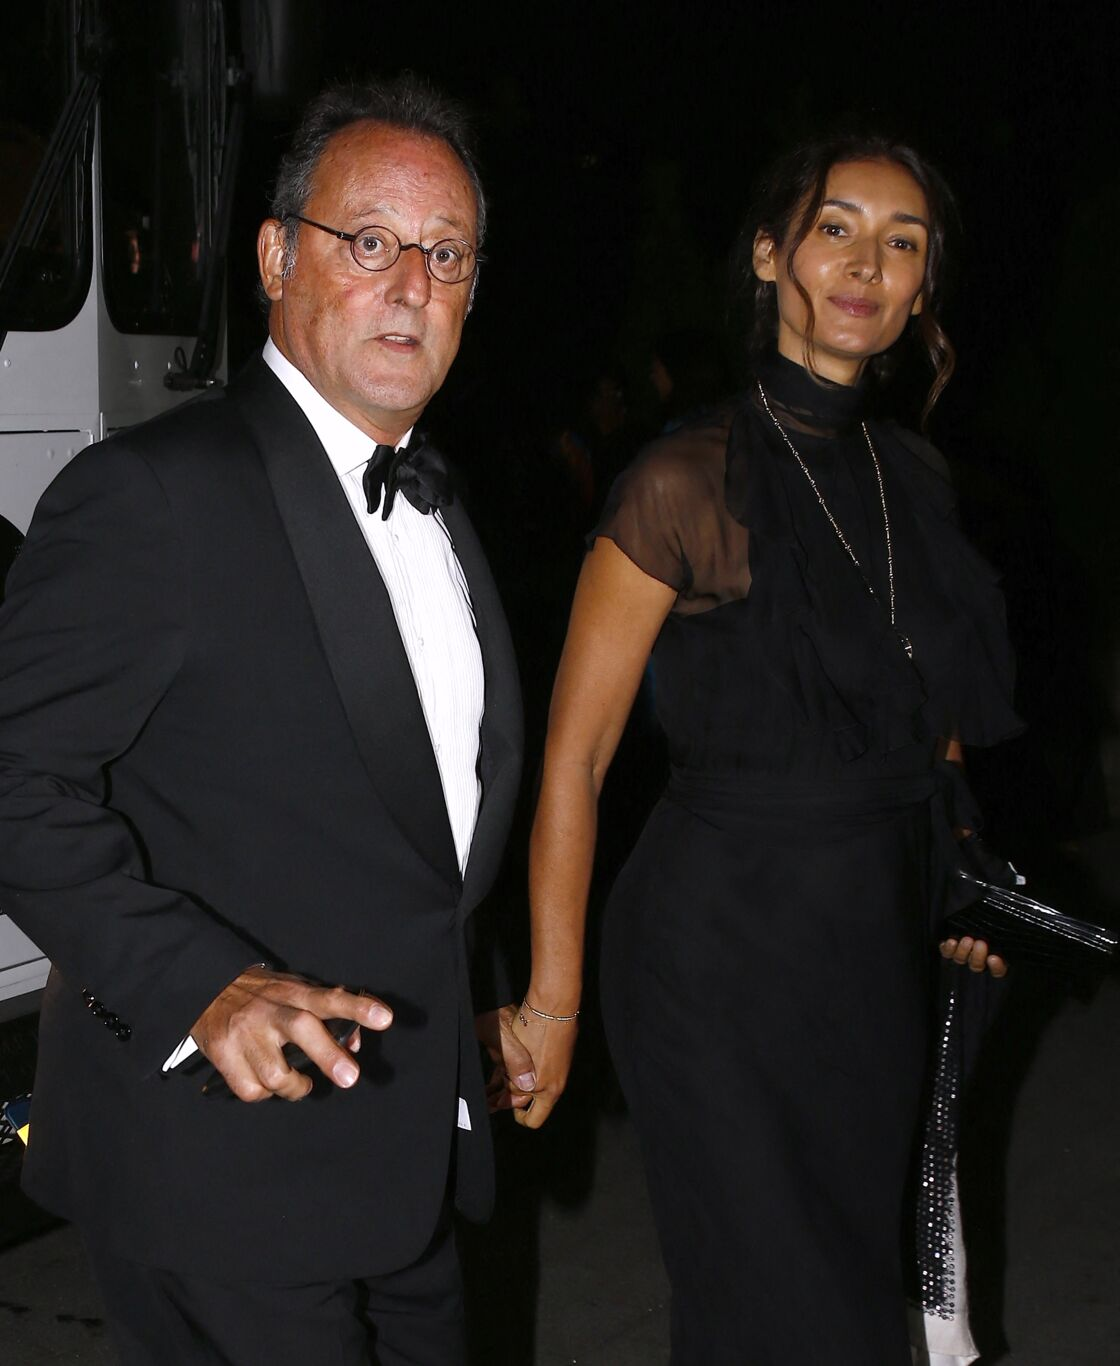 Depuis plus d'une décennie, Jean Reno partage la vie de la mannequin britannique, Zofia Borucka, la mère de ses deux enfants cadets, Cielo et Dean